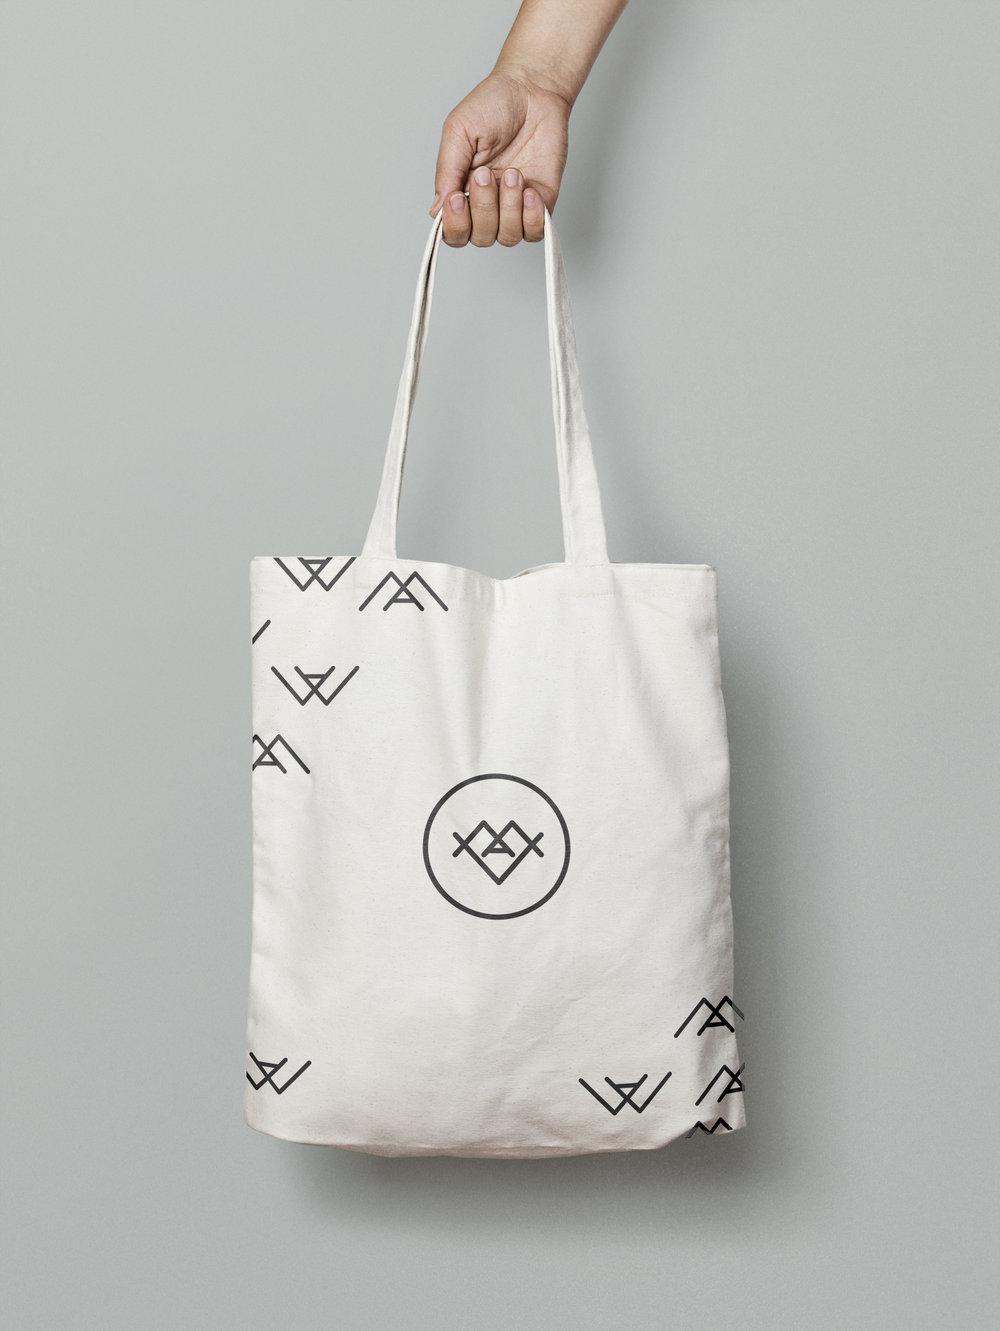 KayxBee Tote Bag MockUp_2.jpg